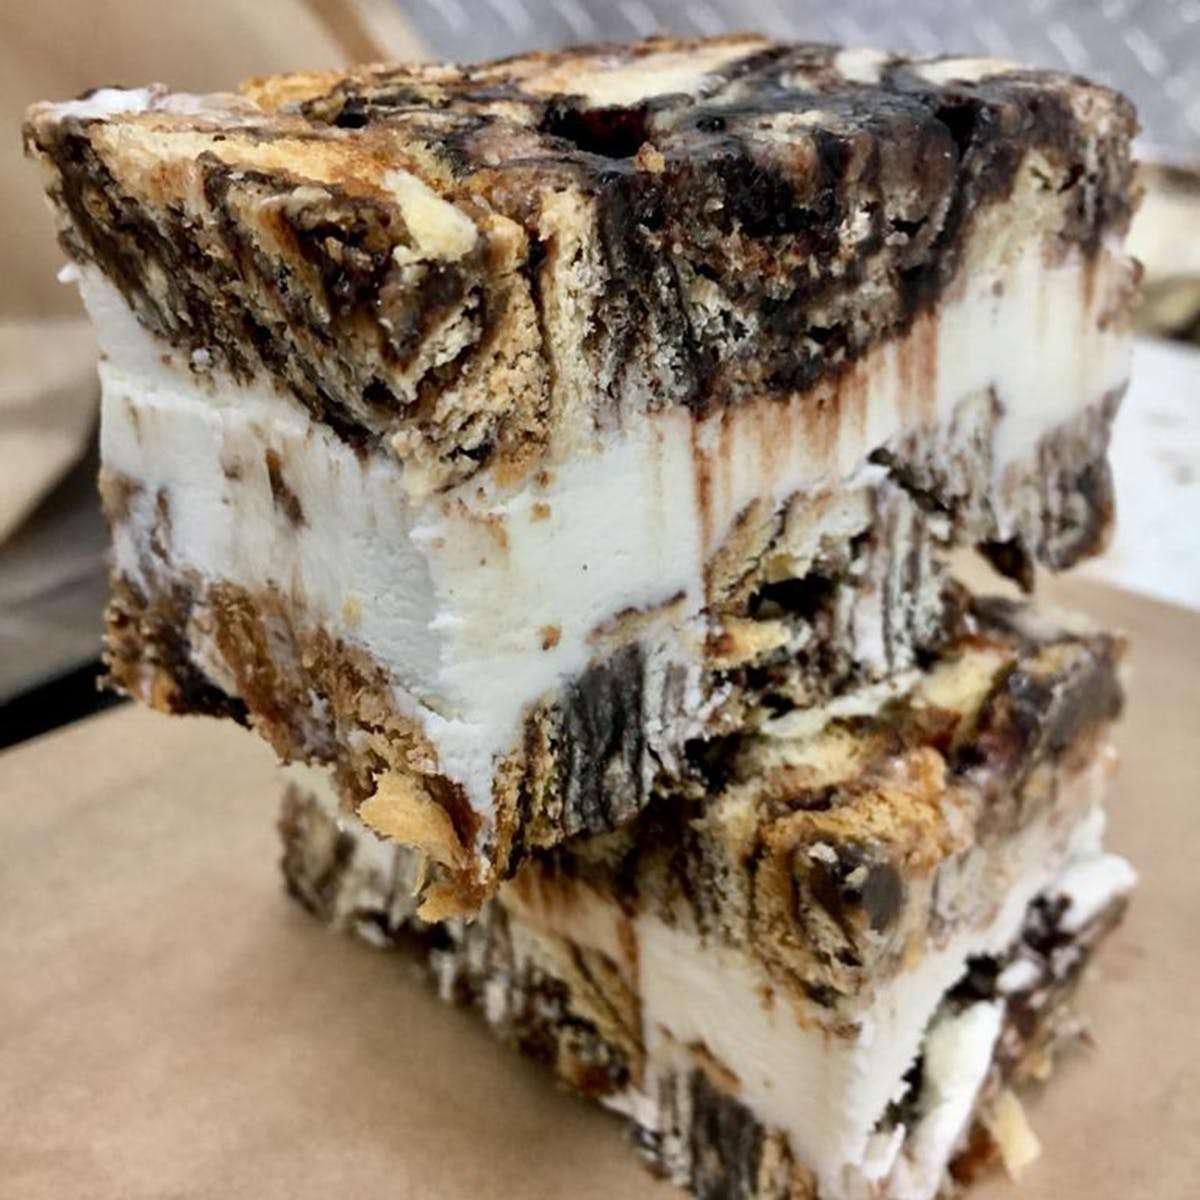 la-newyorkina-babka-ice-cream-sandwiches